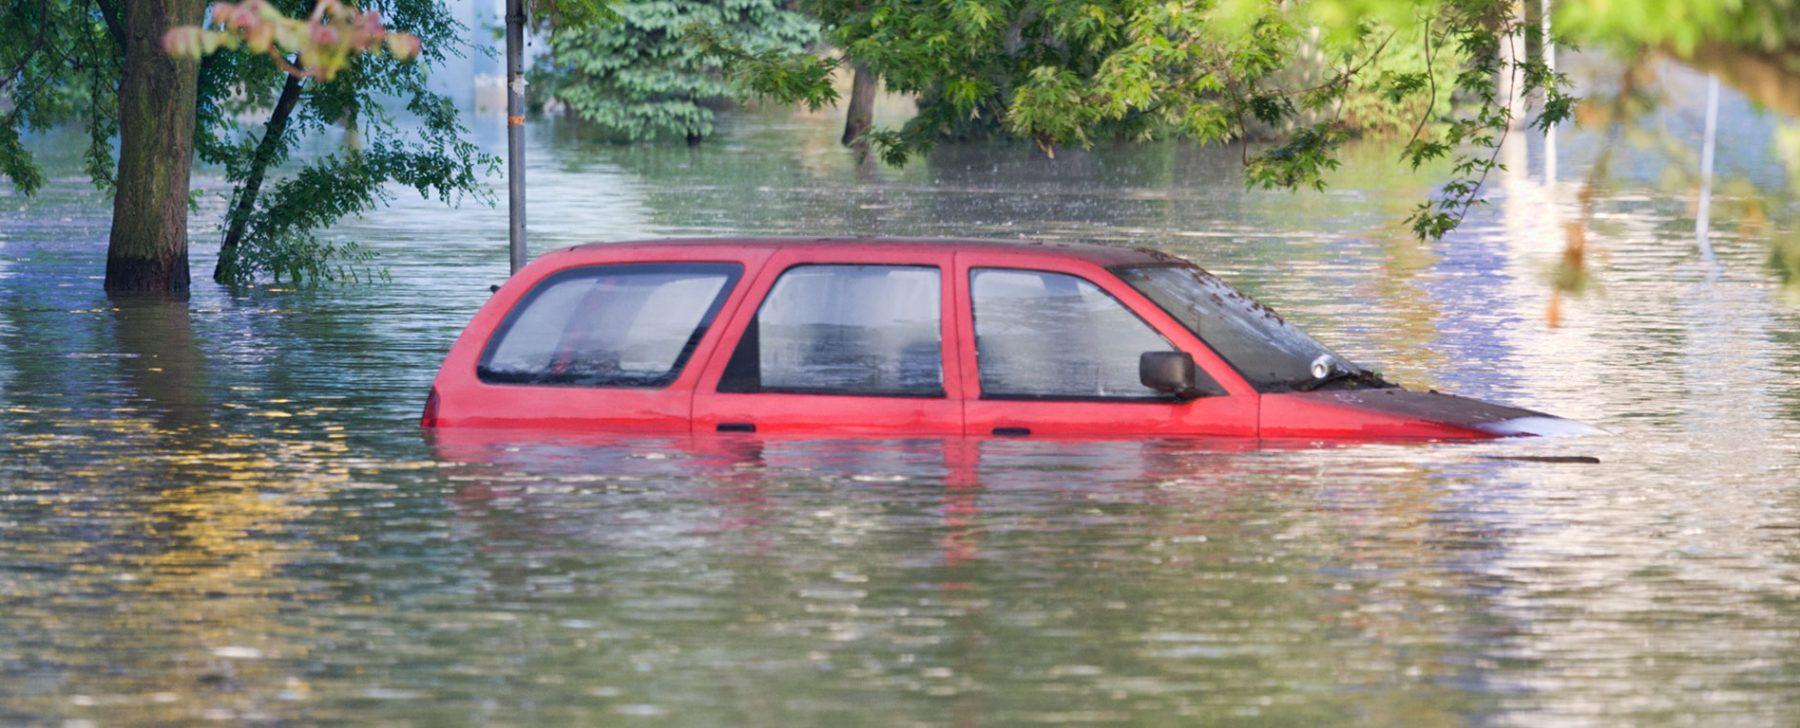 coche hundido en agua